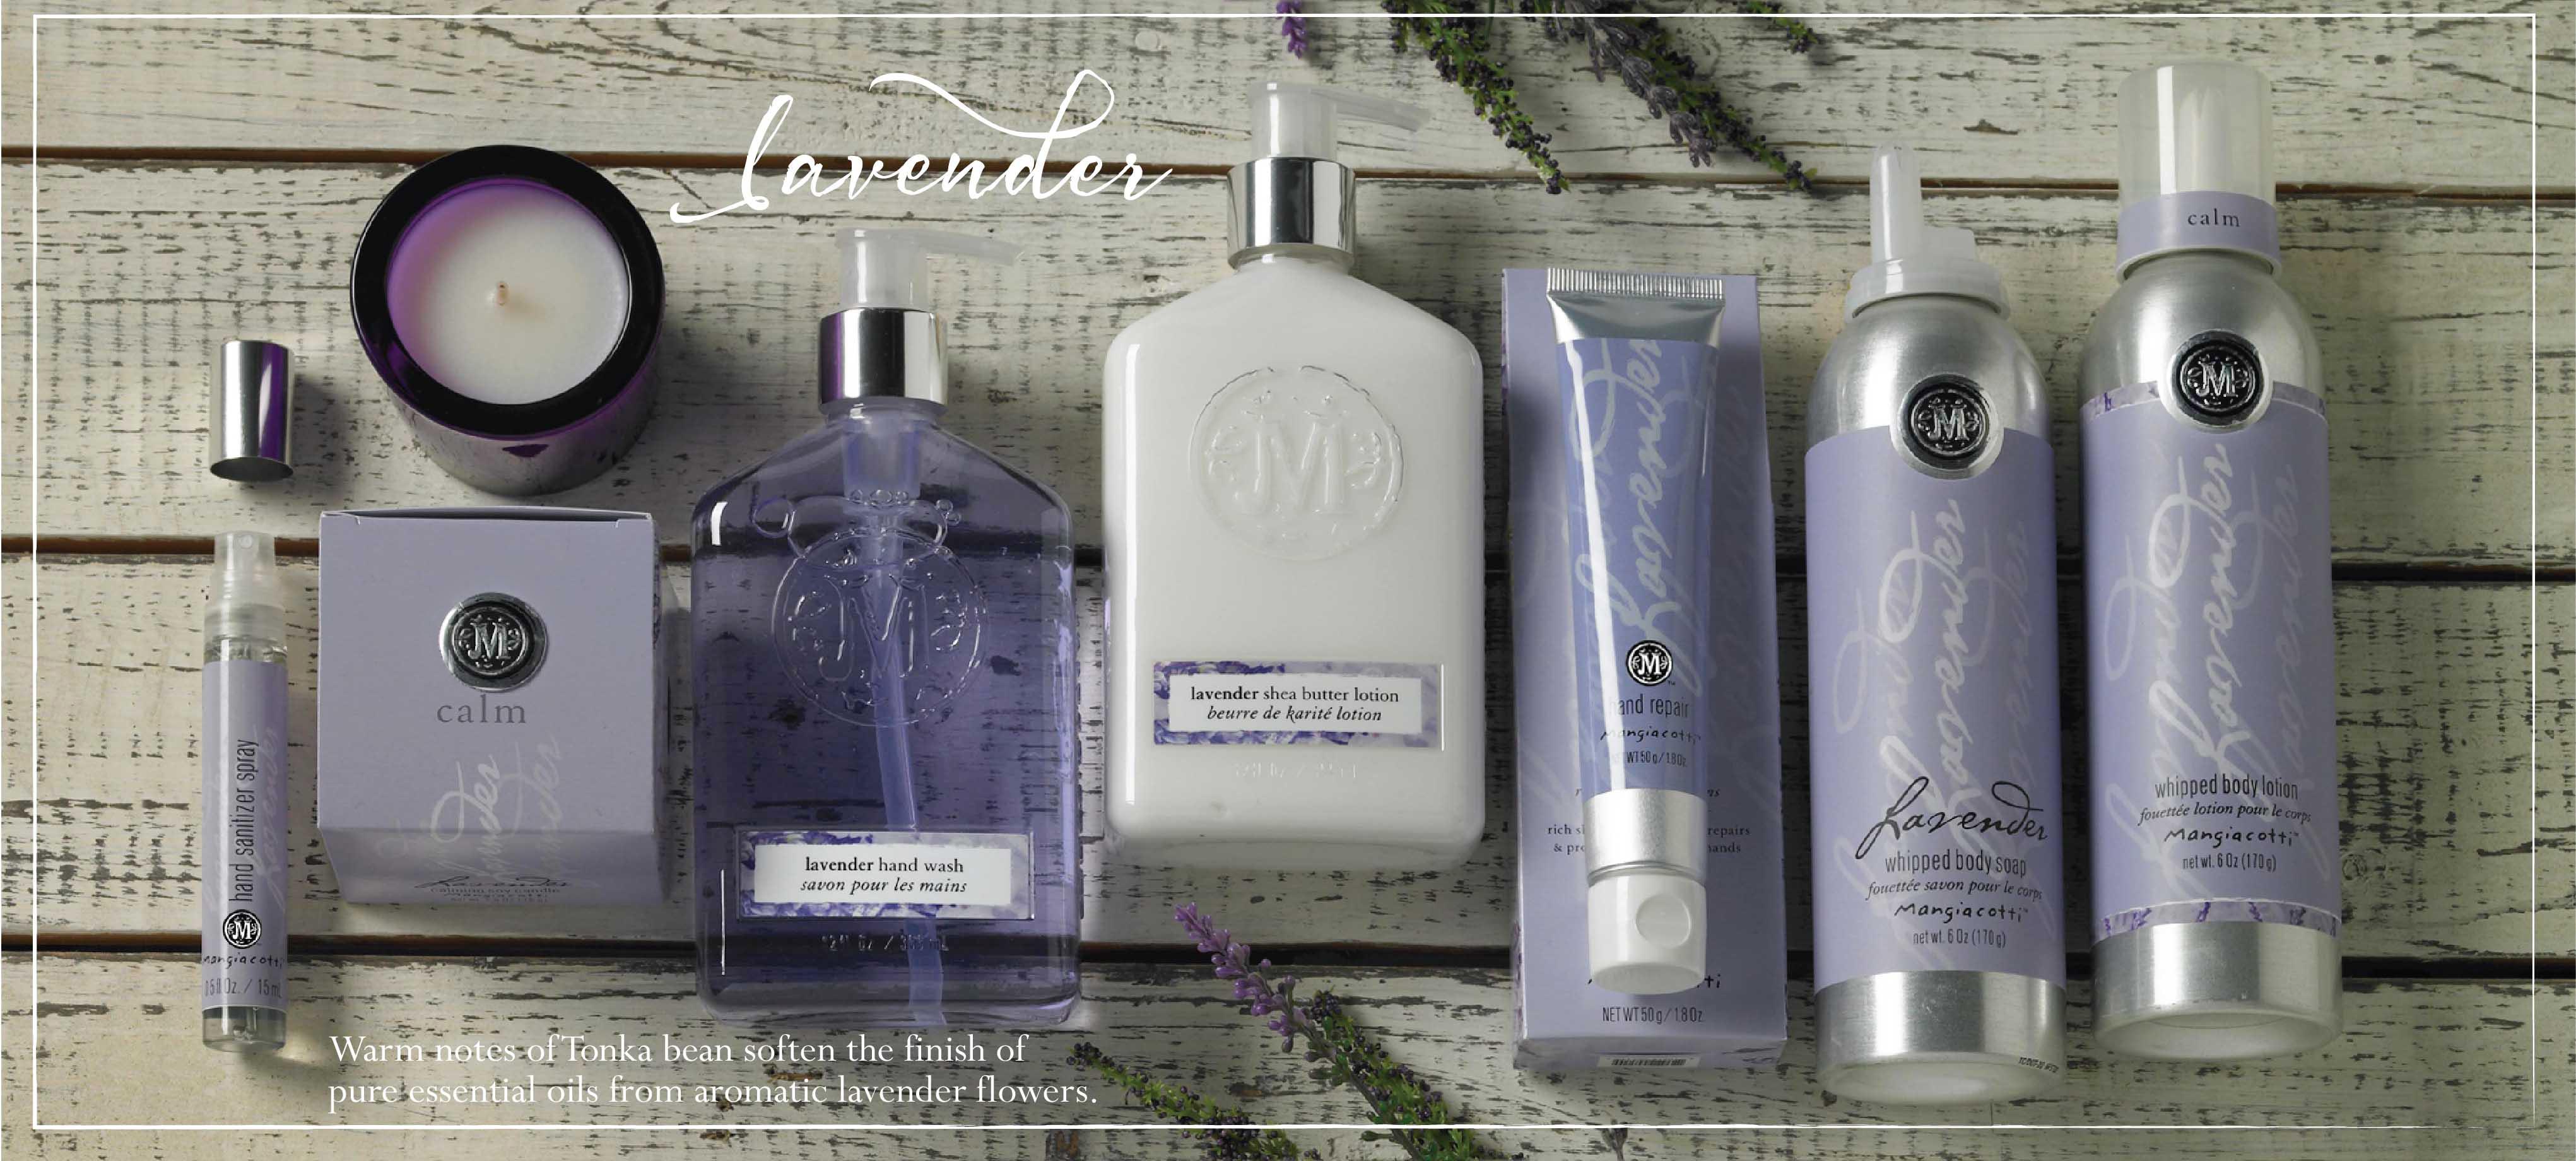 lavender-web-fragrance-lt.jpg